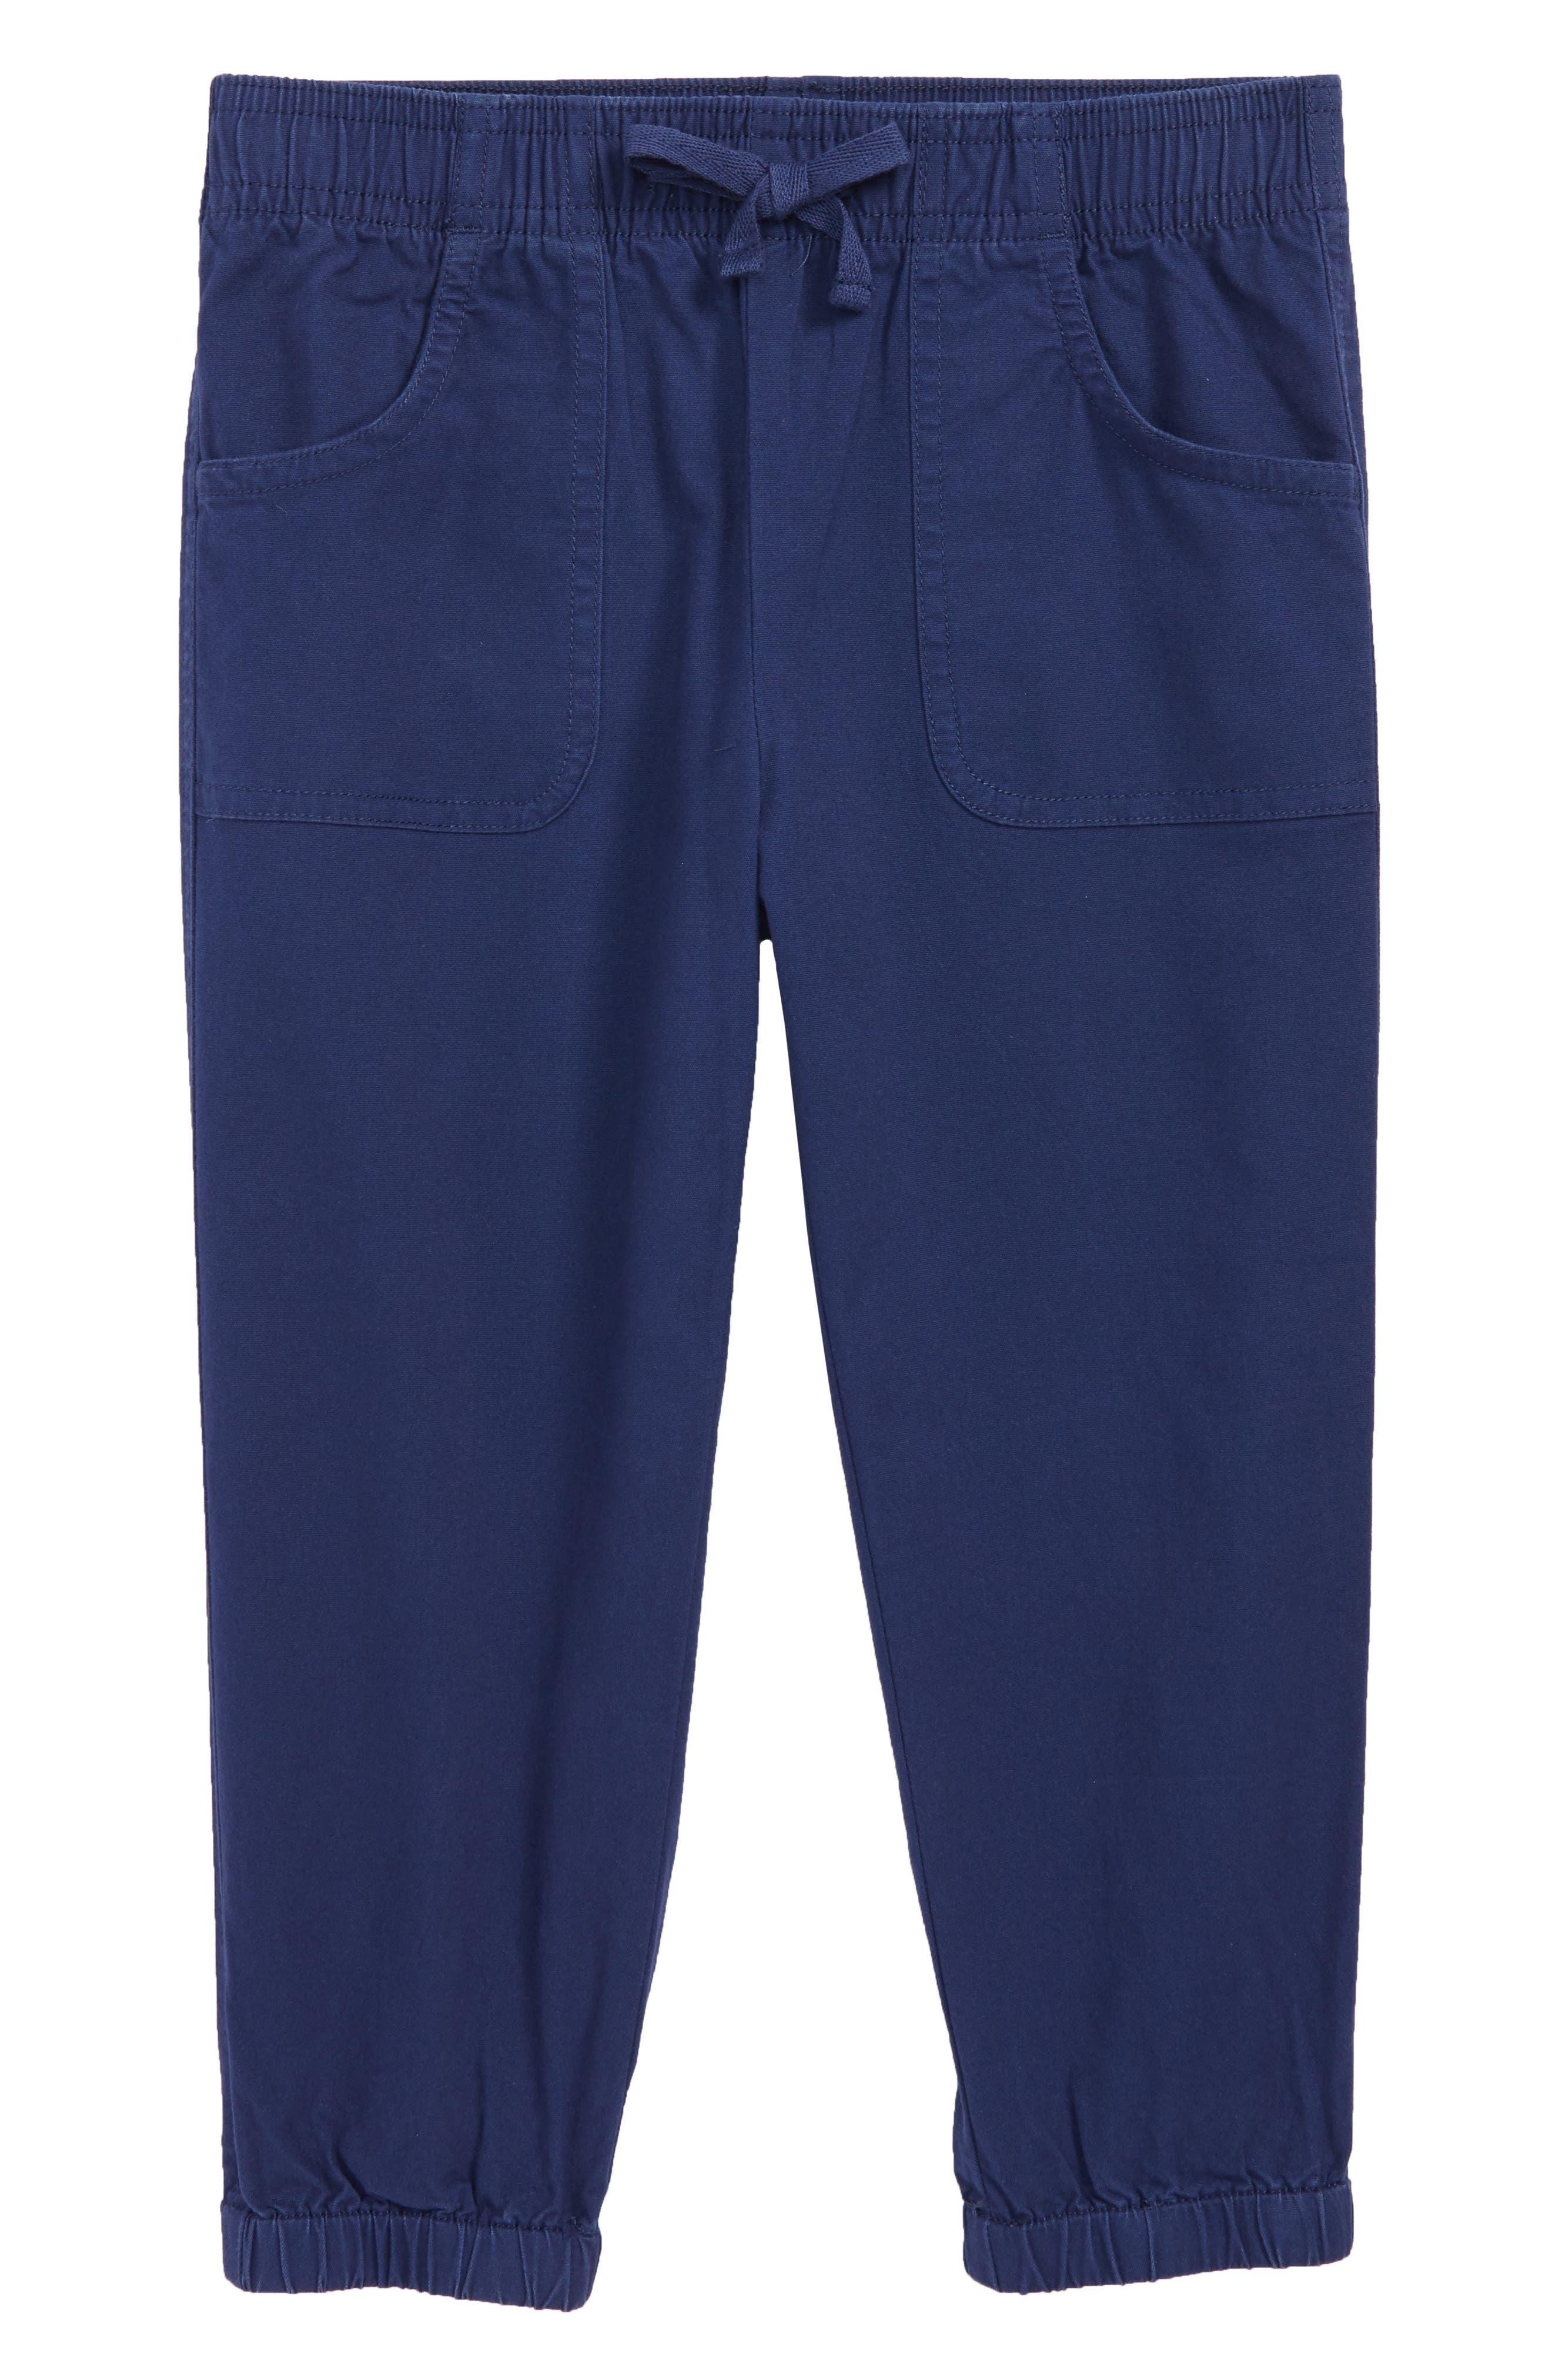 Jogger Pants,                         Main,                         color, DEEP BAY